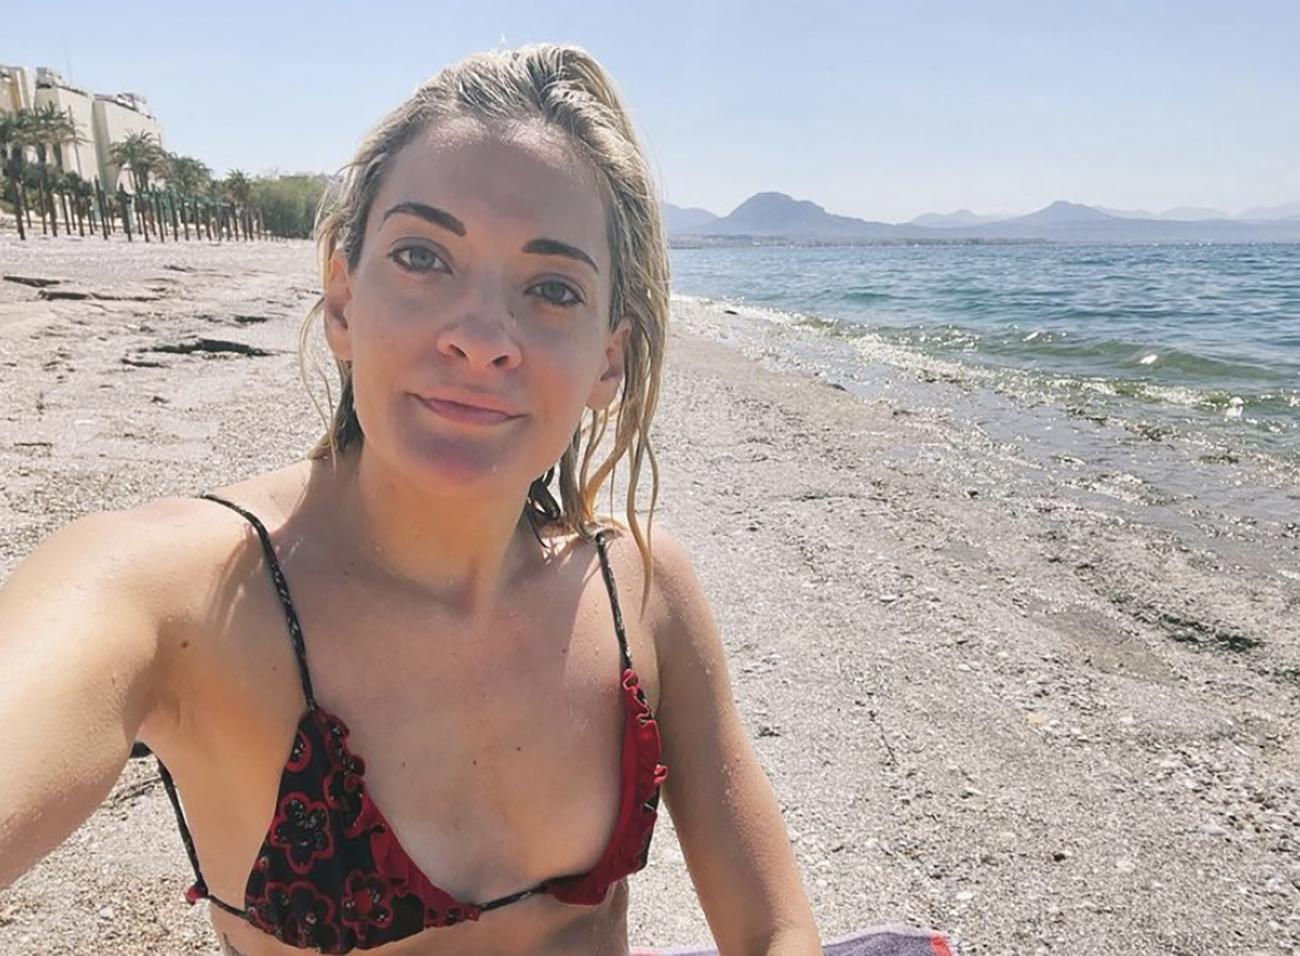 Ναταλία Αργυράκη: «Θα ήθελα πολύ να συνεχίσω στην εκπομπή, θα δούμε…»